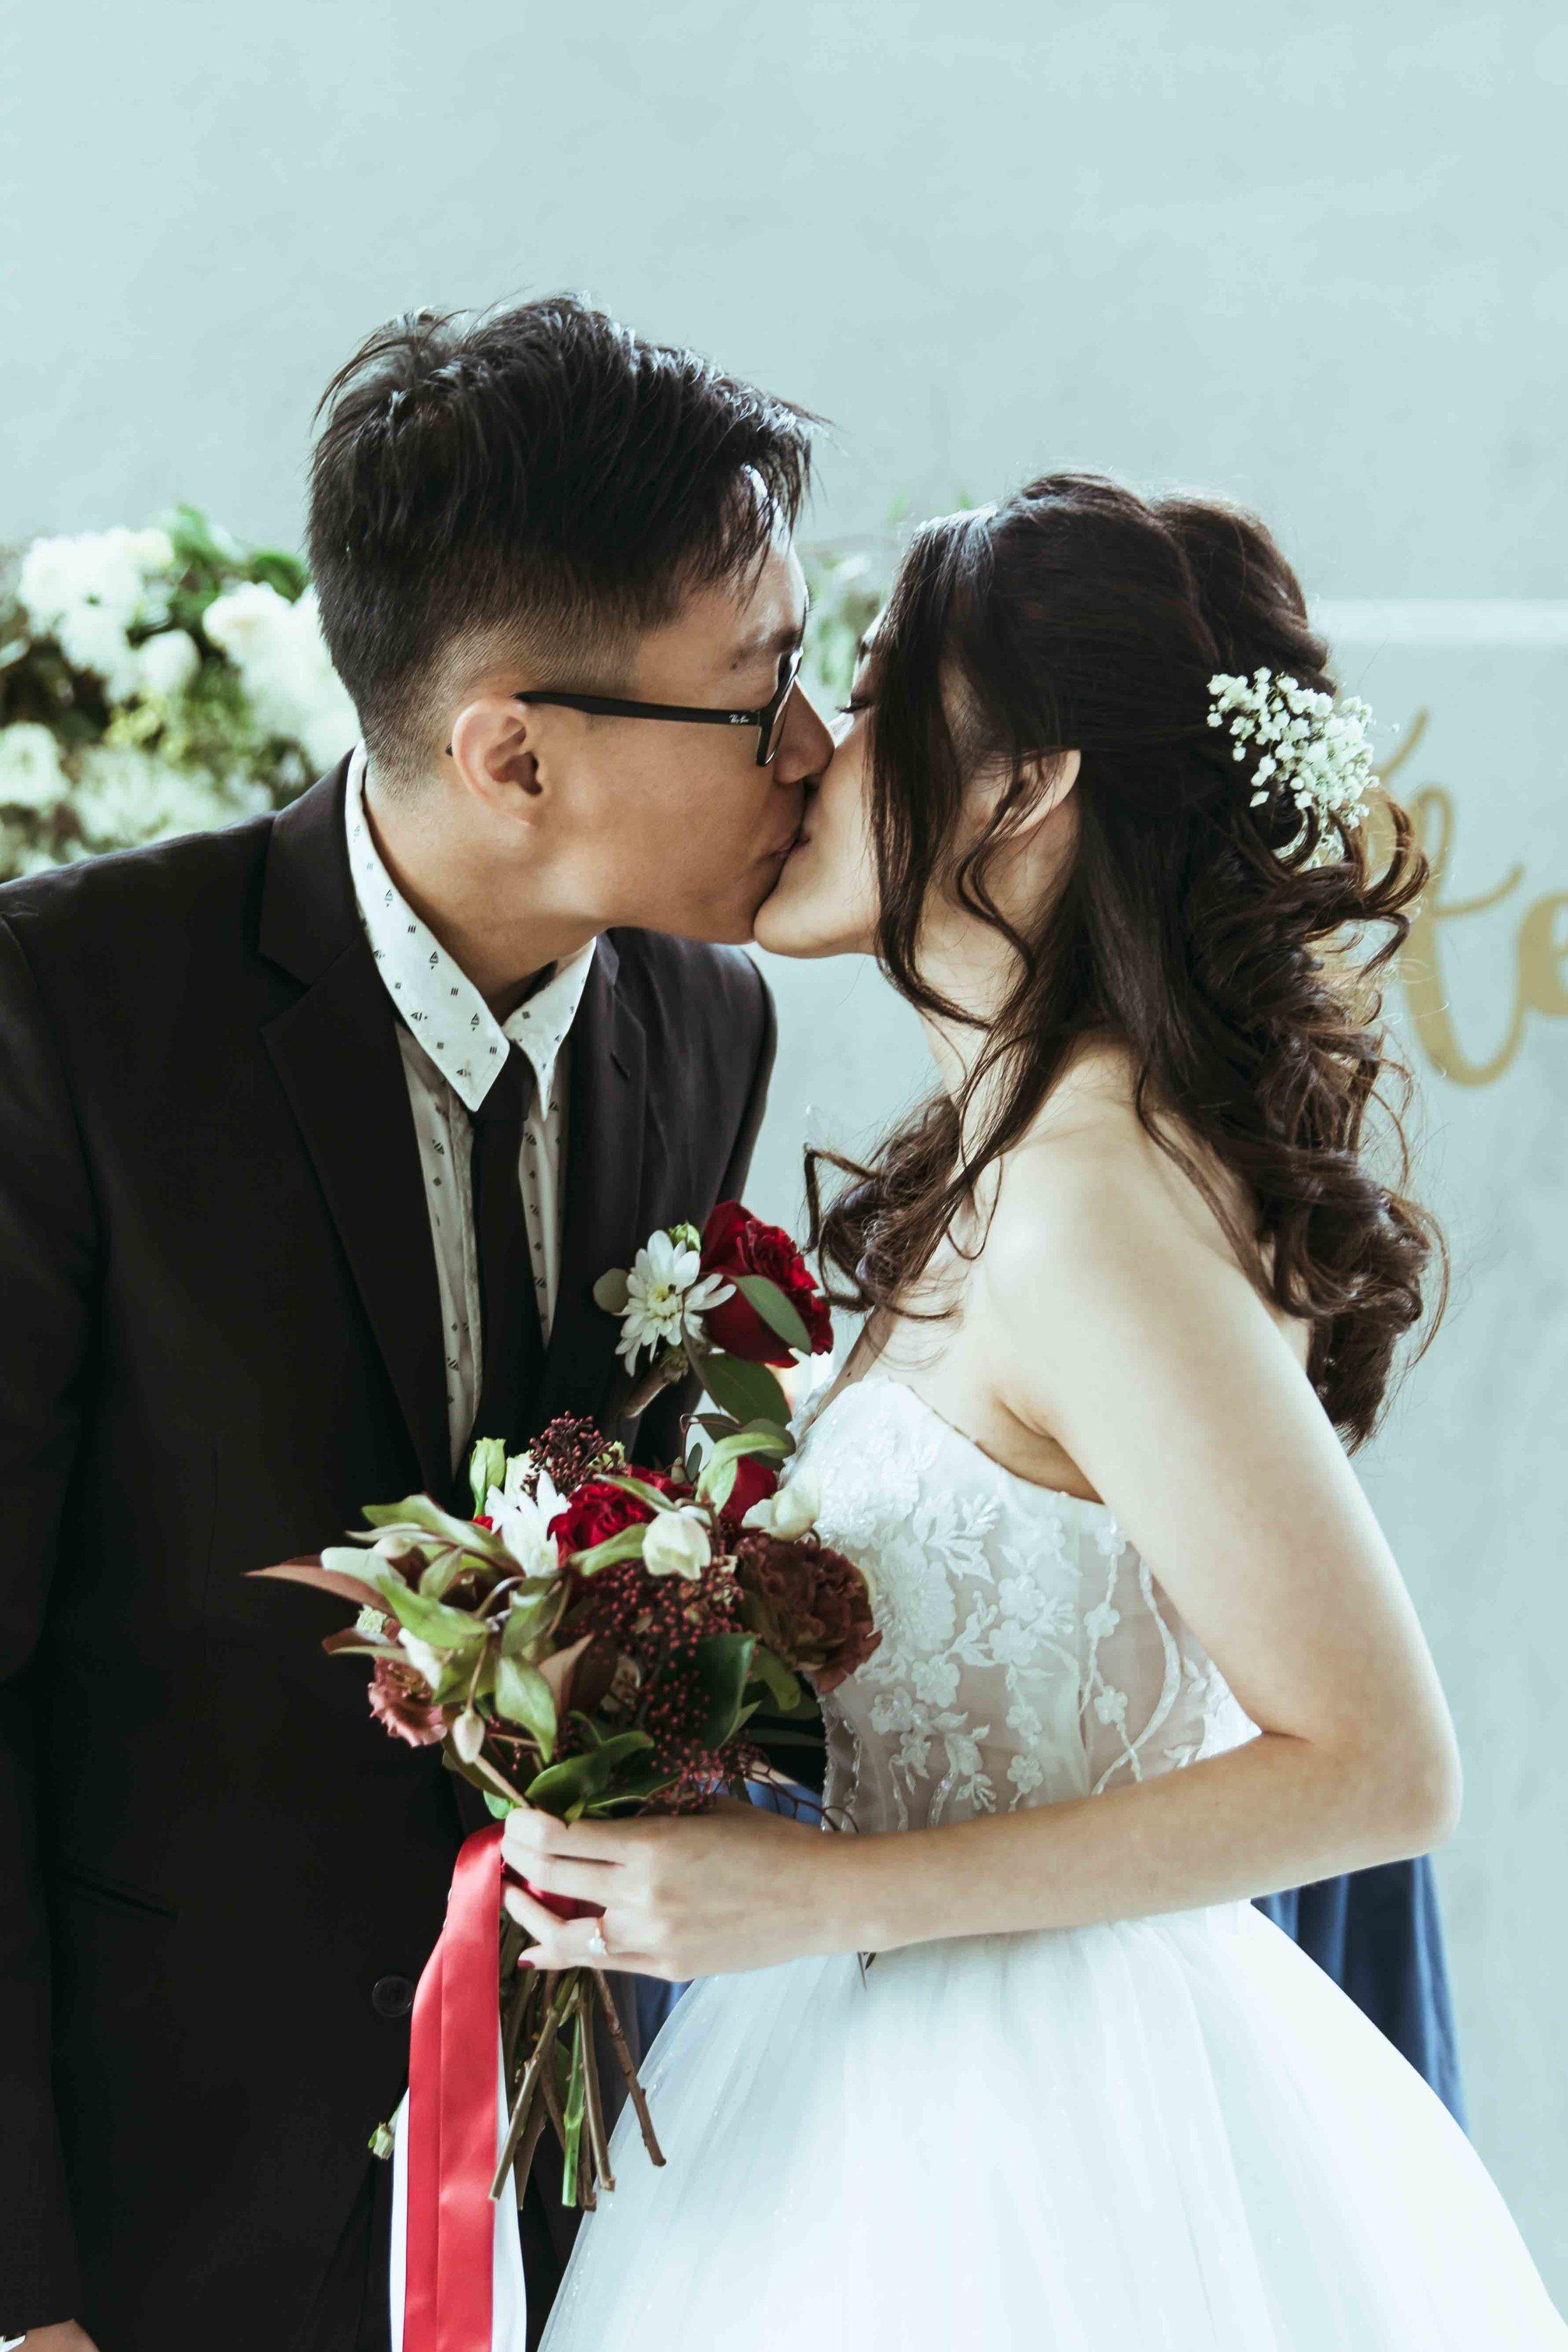 weddingvday.jpg